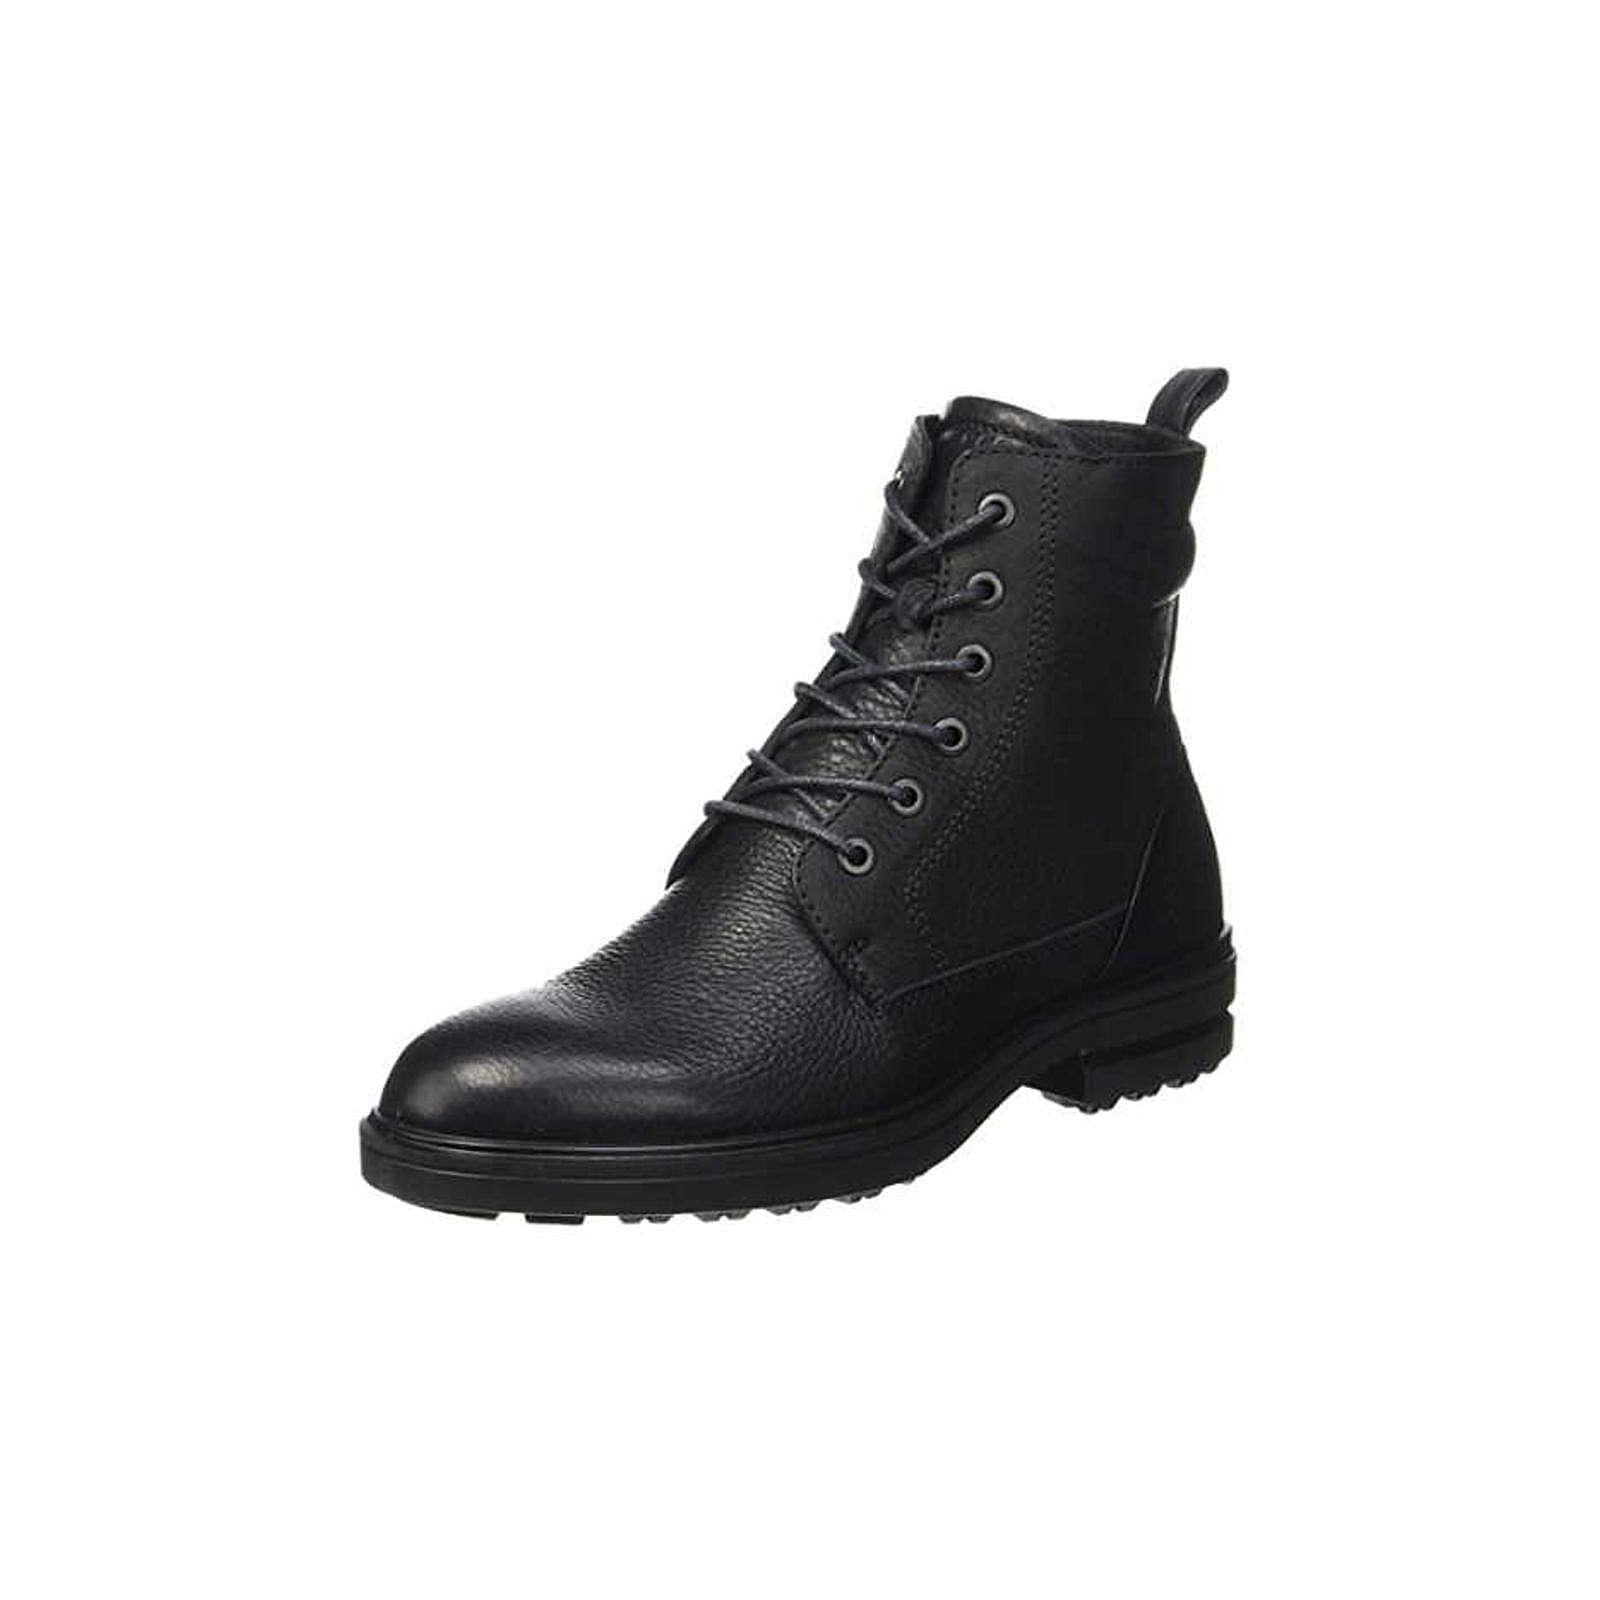 ecco Stiefel schwarz schwarz Damen Gr. 36